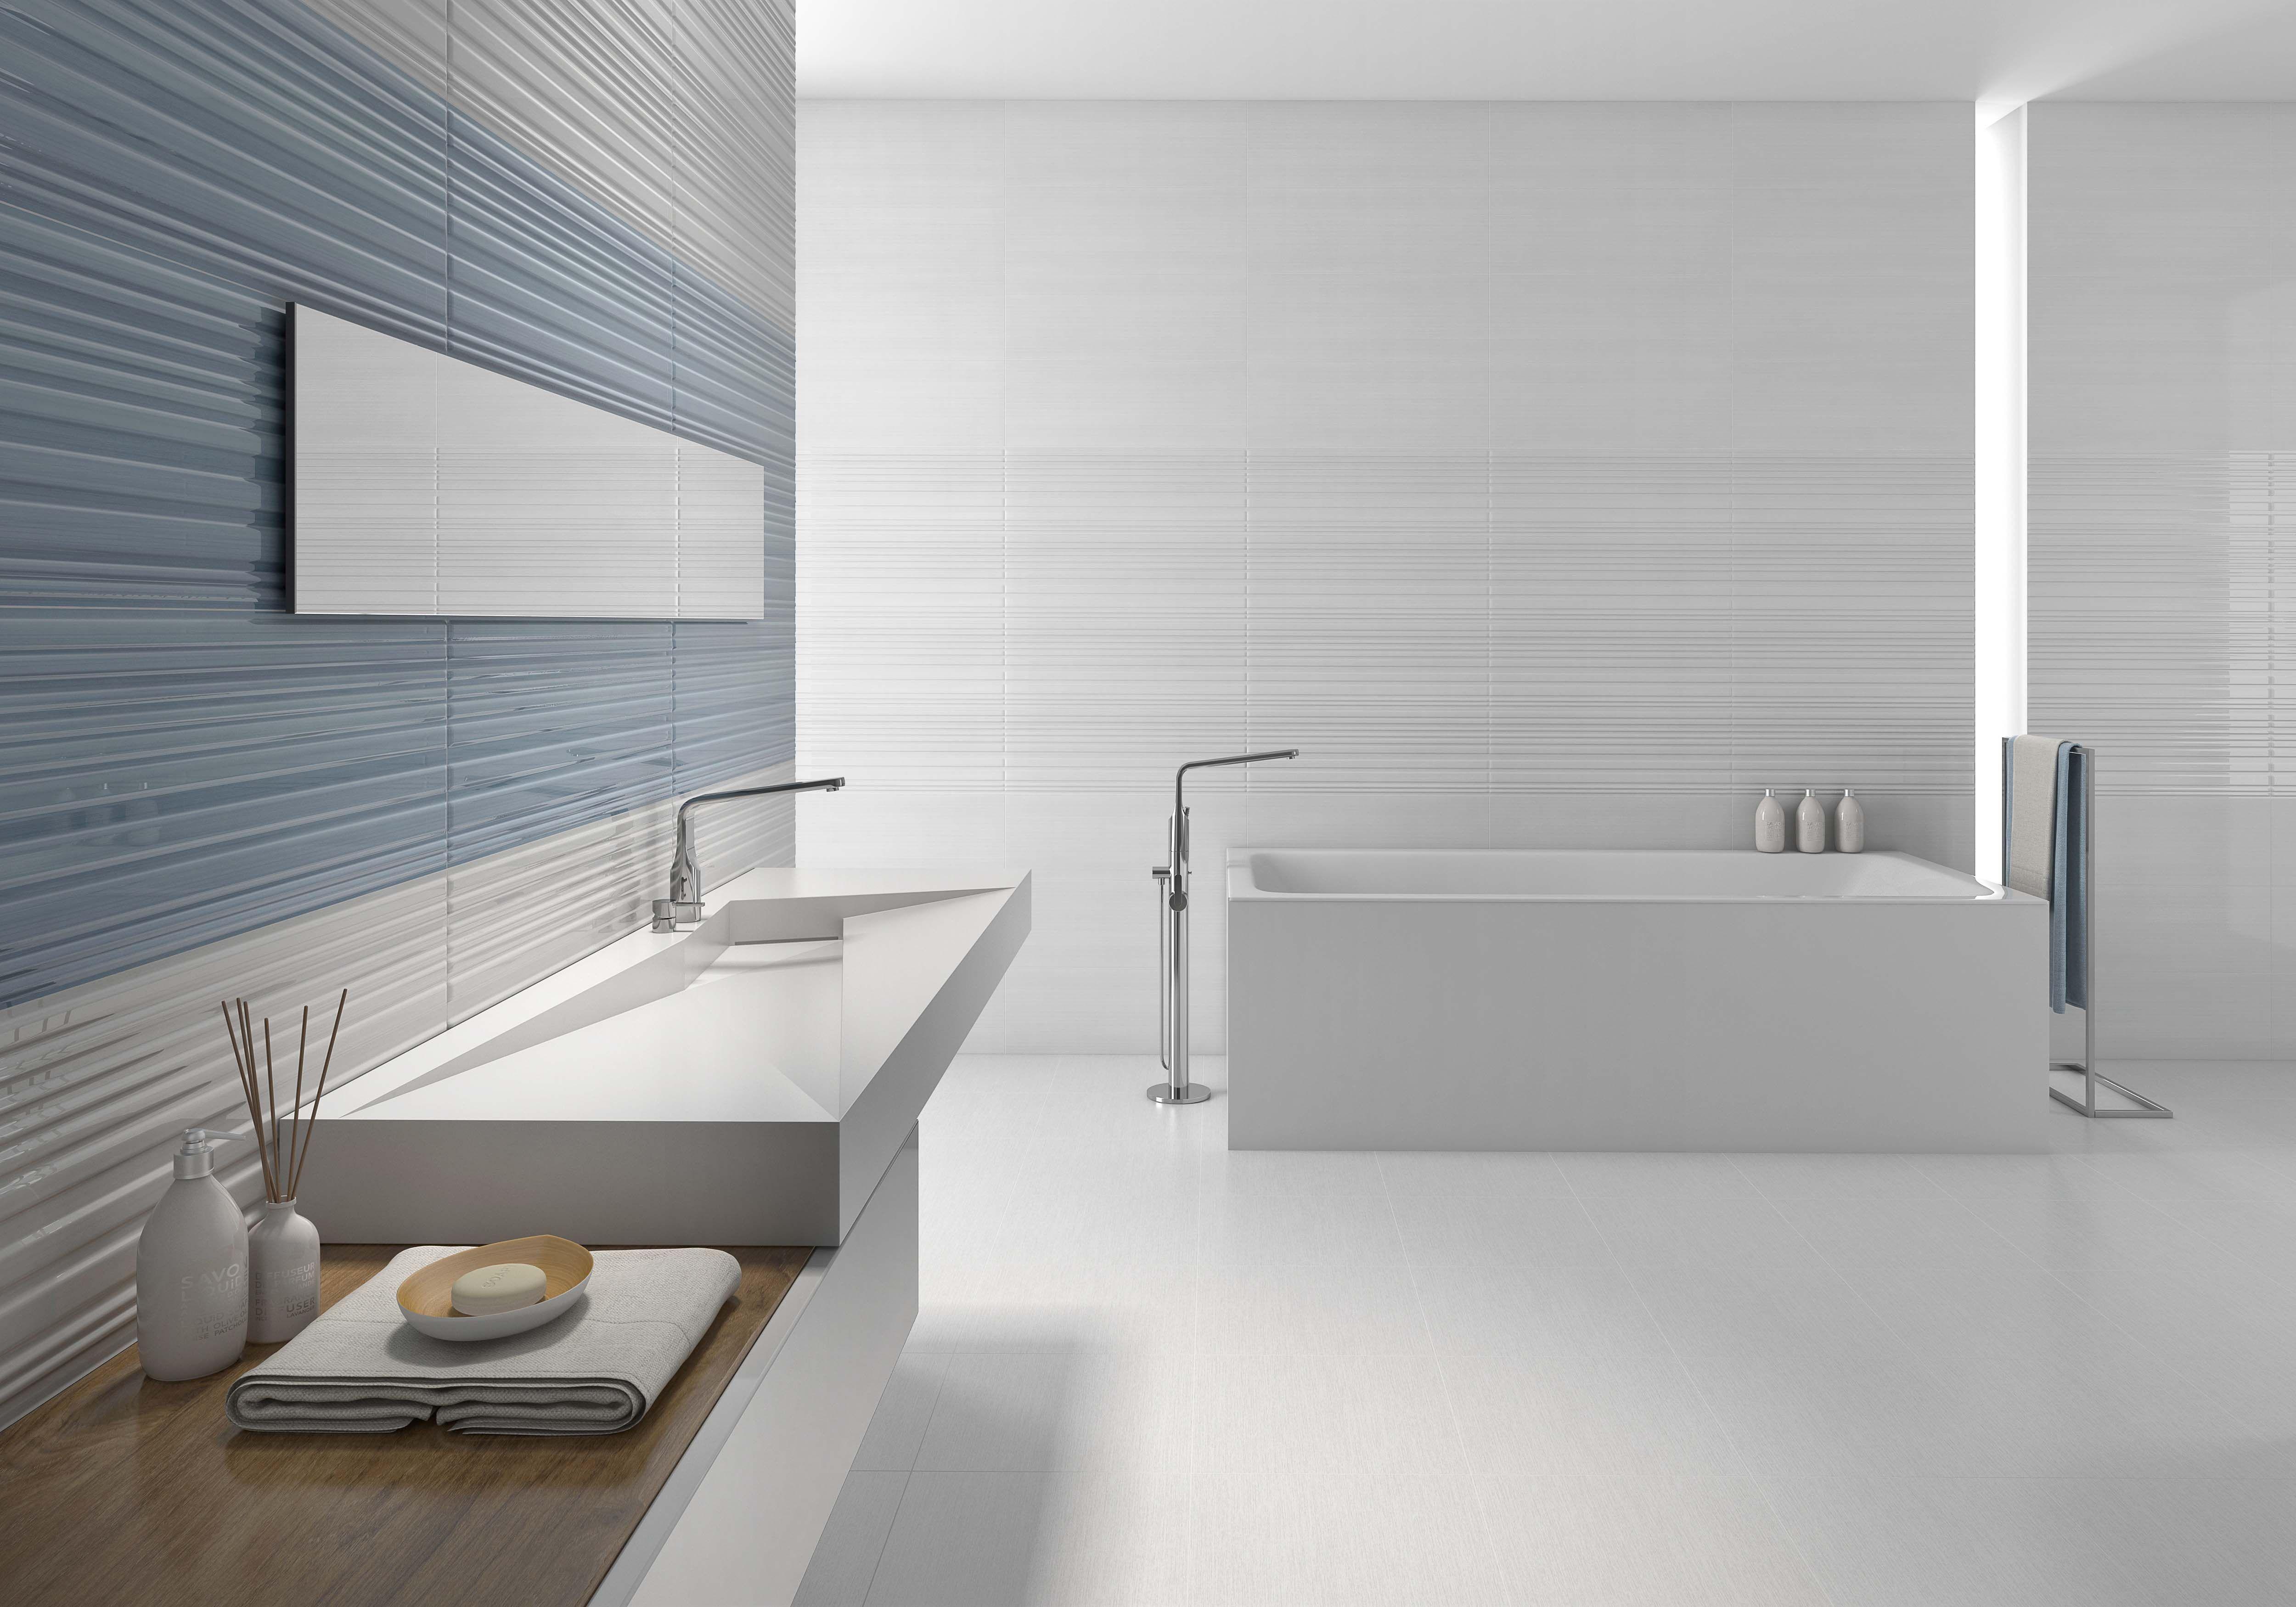 Date un baño de azulejos   Decoración de aseo, Azulejos ...